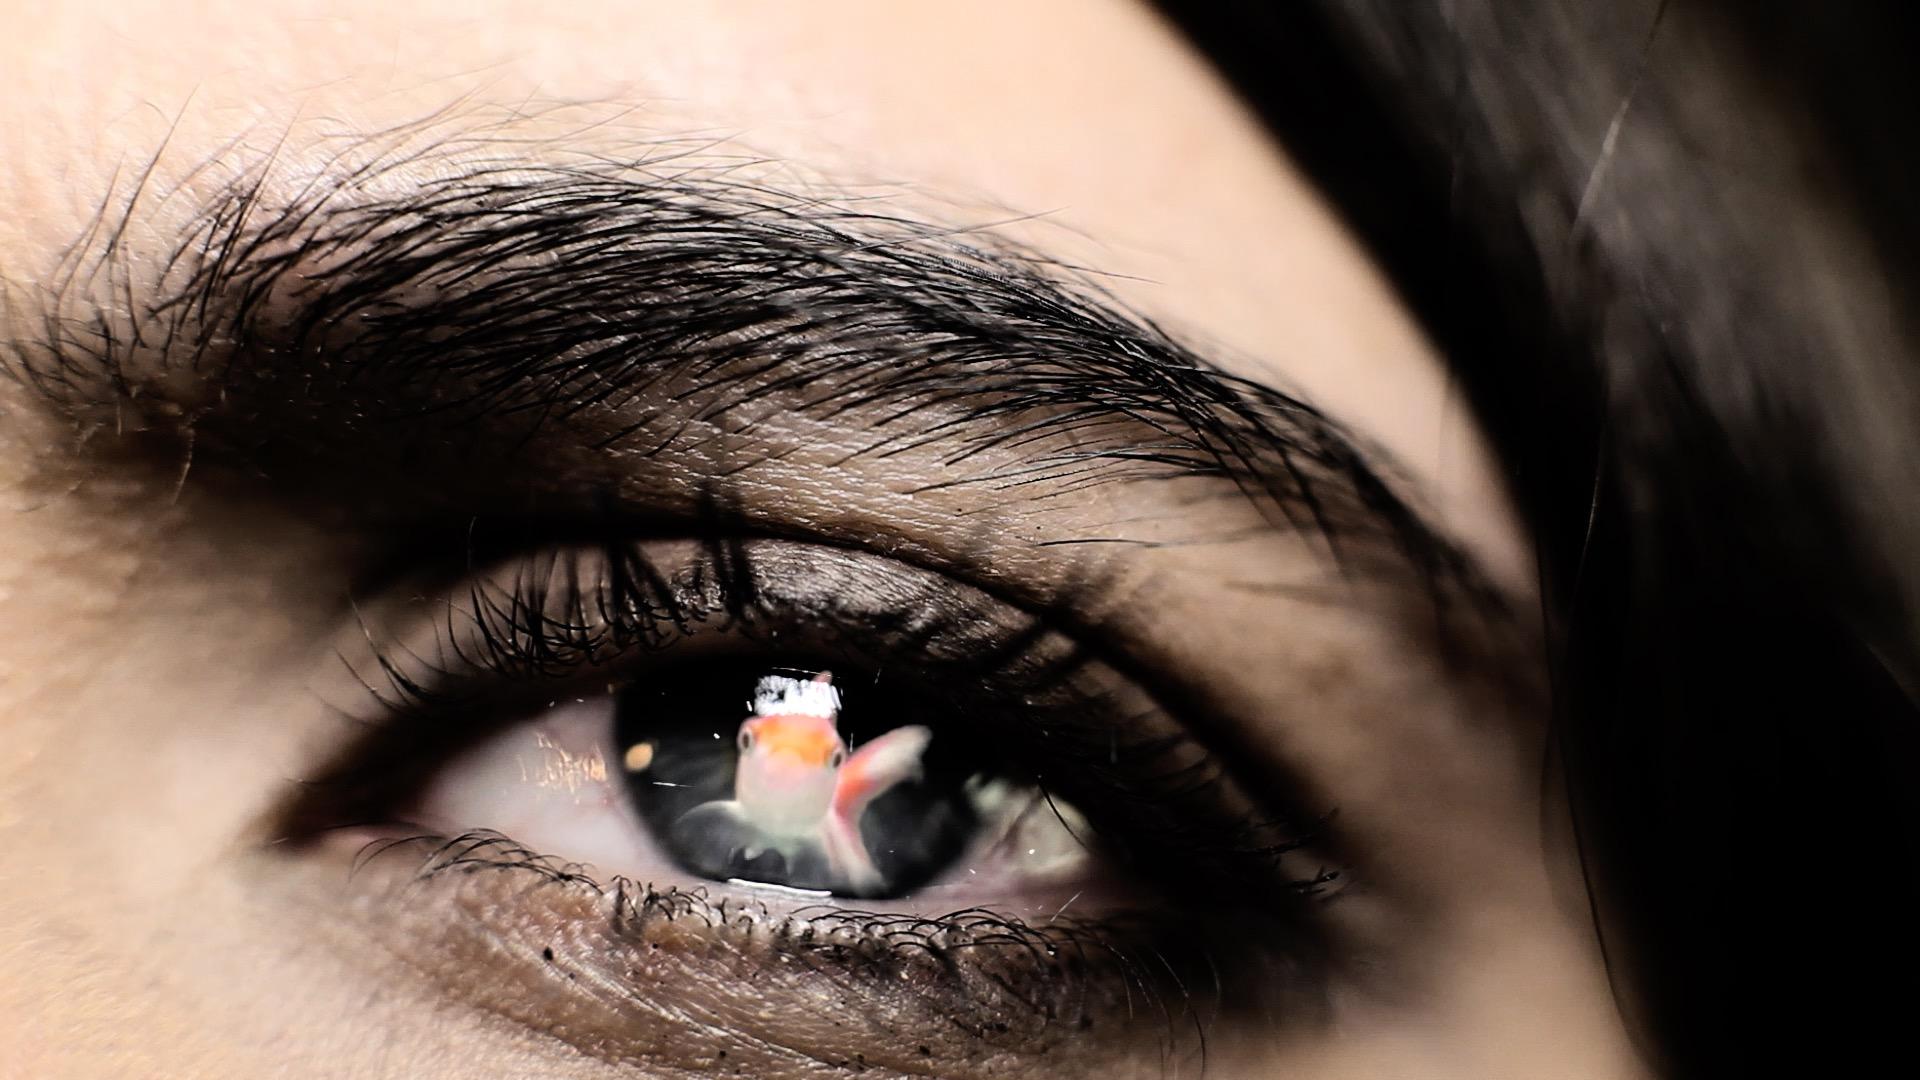 oeil gros plan poisson – clip musique – Elerose-music -realisateur – Riberaigua clip – Juste en rêvant – Manon Novak -viviane -riberaigua -realisateur music video director.